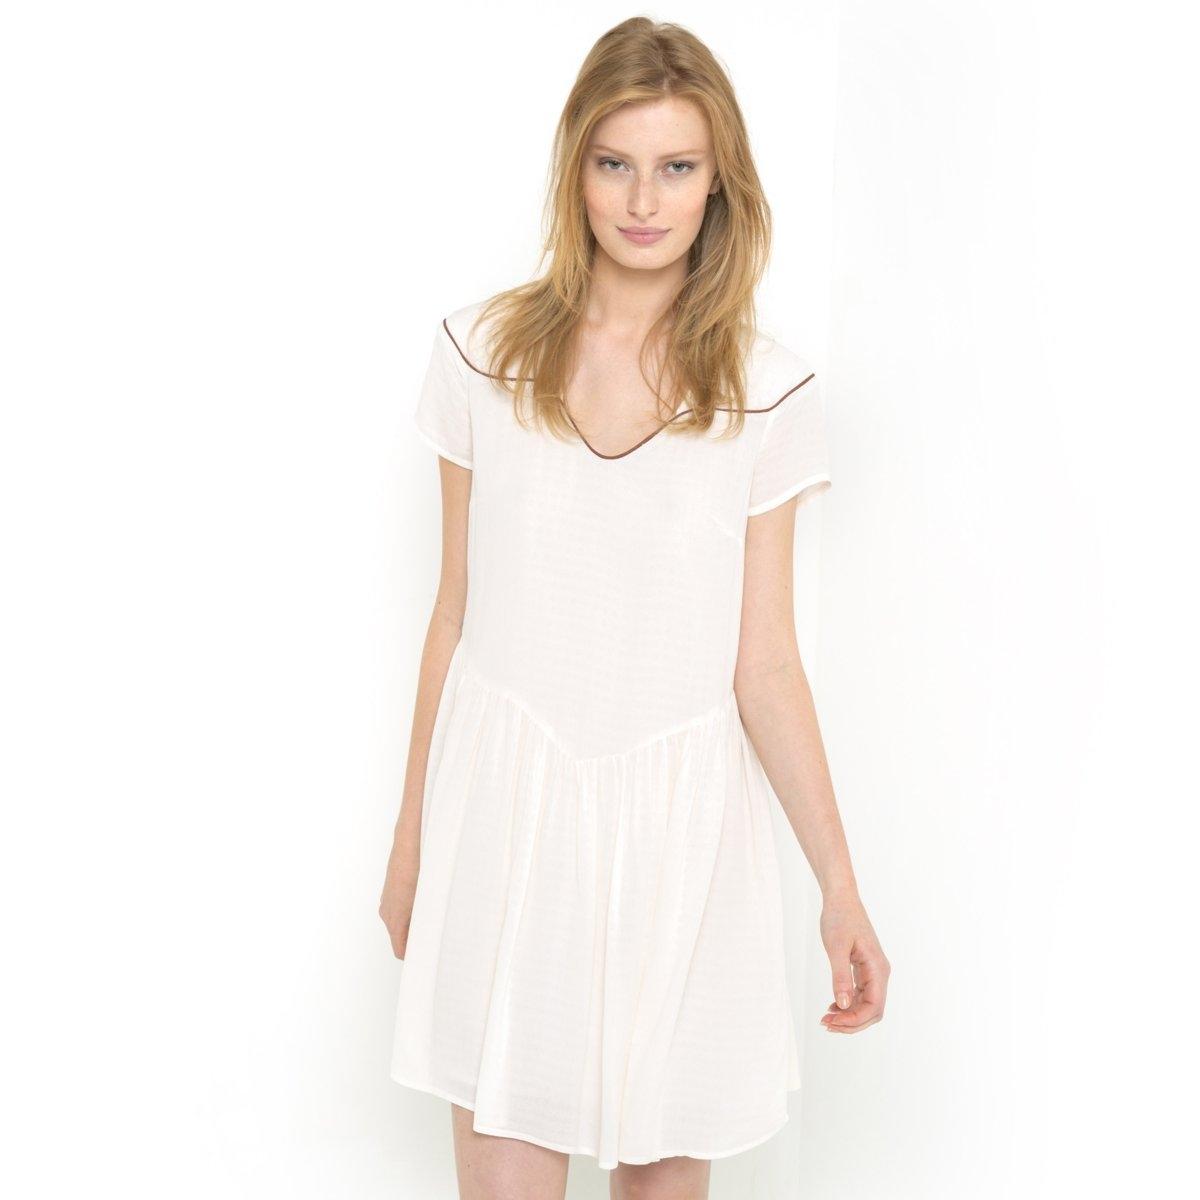 Платье широкого покрояПлатье из 100% вискозы. Короткие рукава. V-образный вырез. Стильные детали сзади. Отрезное по талии. Подкладка из вуали, 100% хлопка. Длина 90 см.<br><br>Цвет: слоновая кость<br>Размер: 44 (FR) - 50 (RUS)